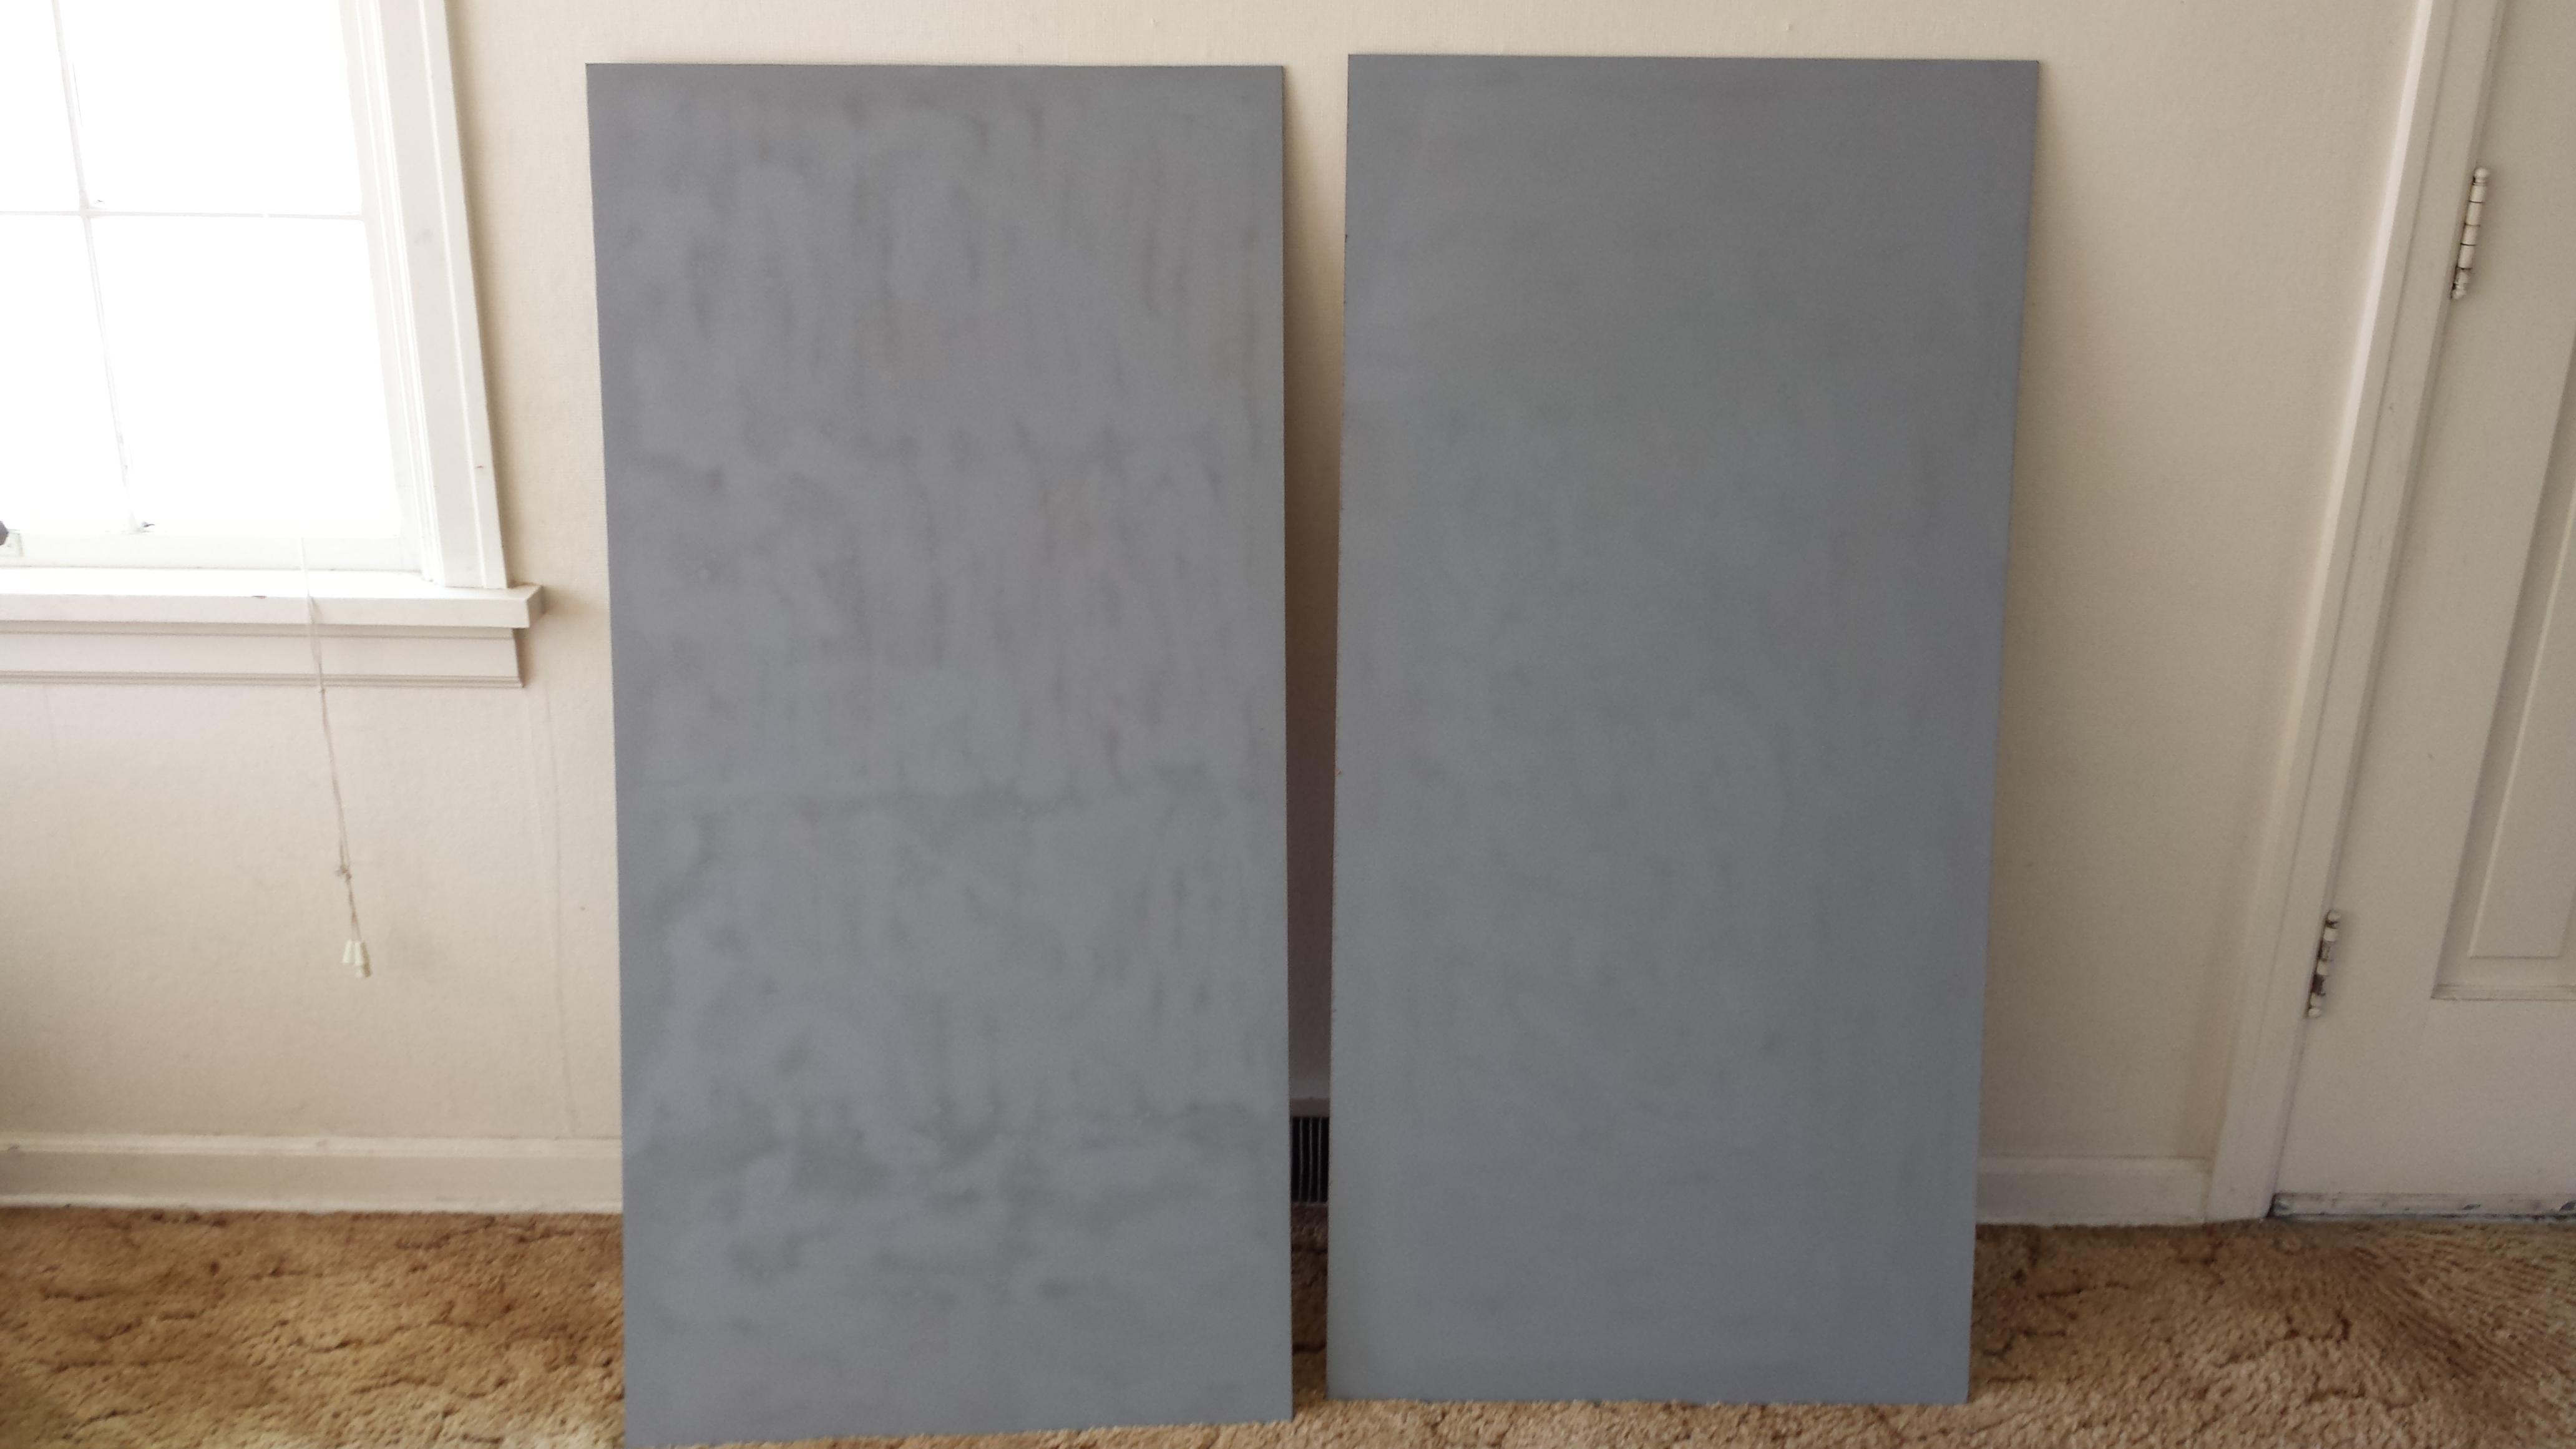 Both Boards Primed